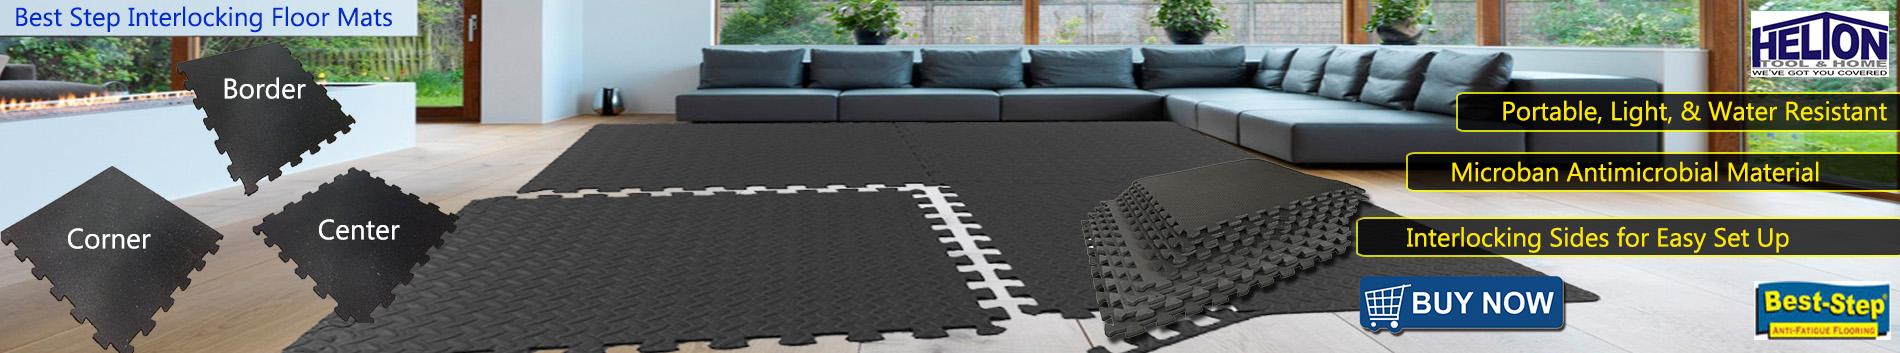 Step Floor Mats